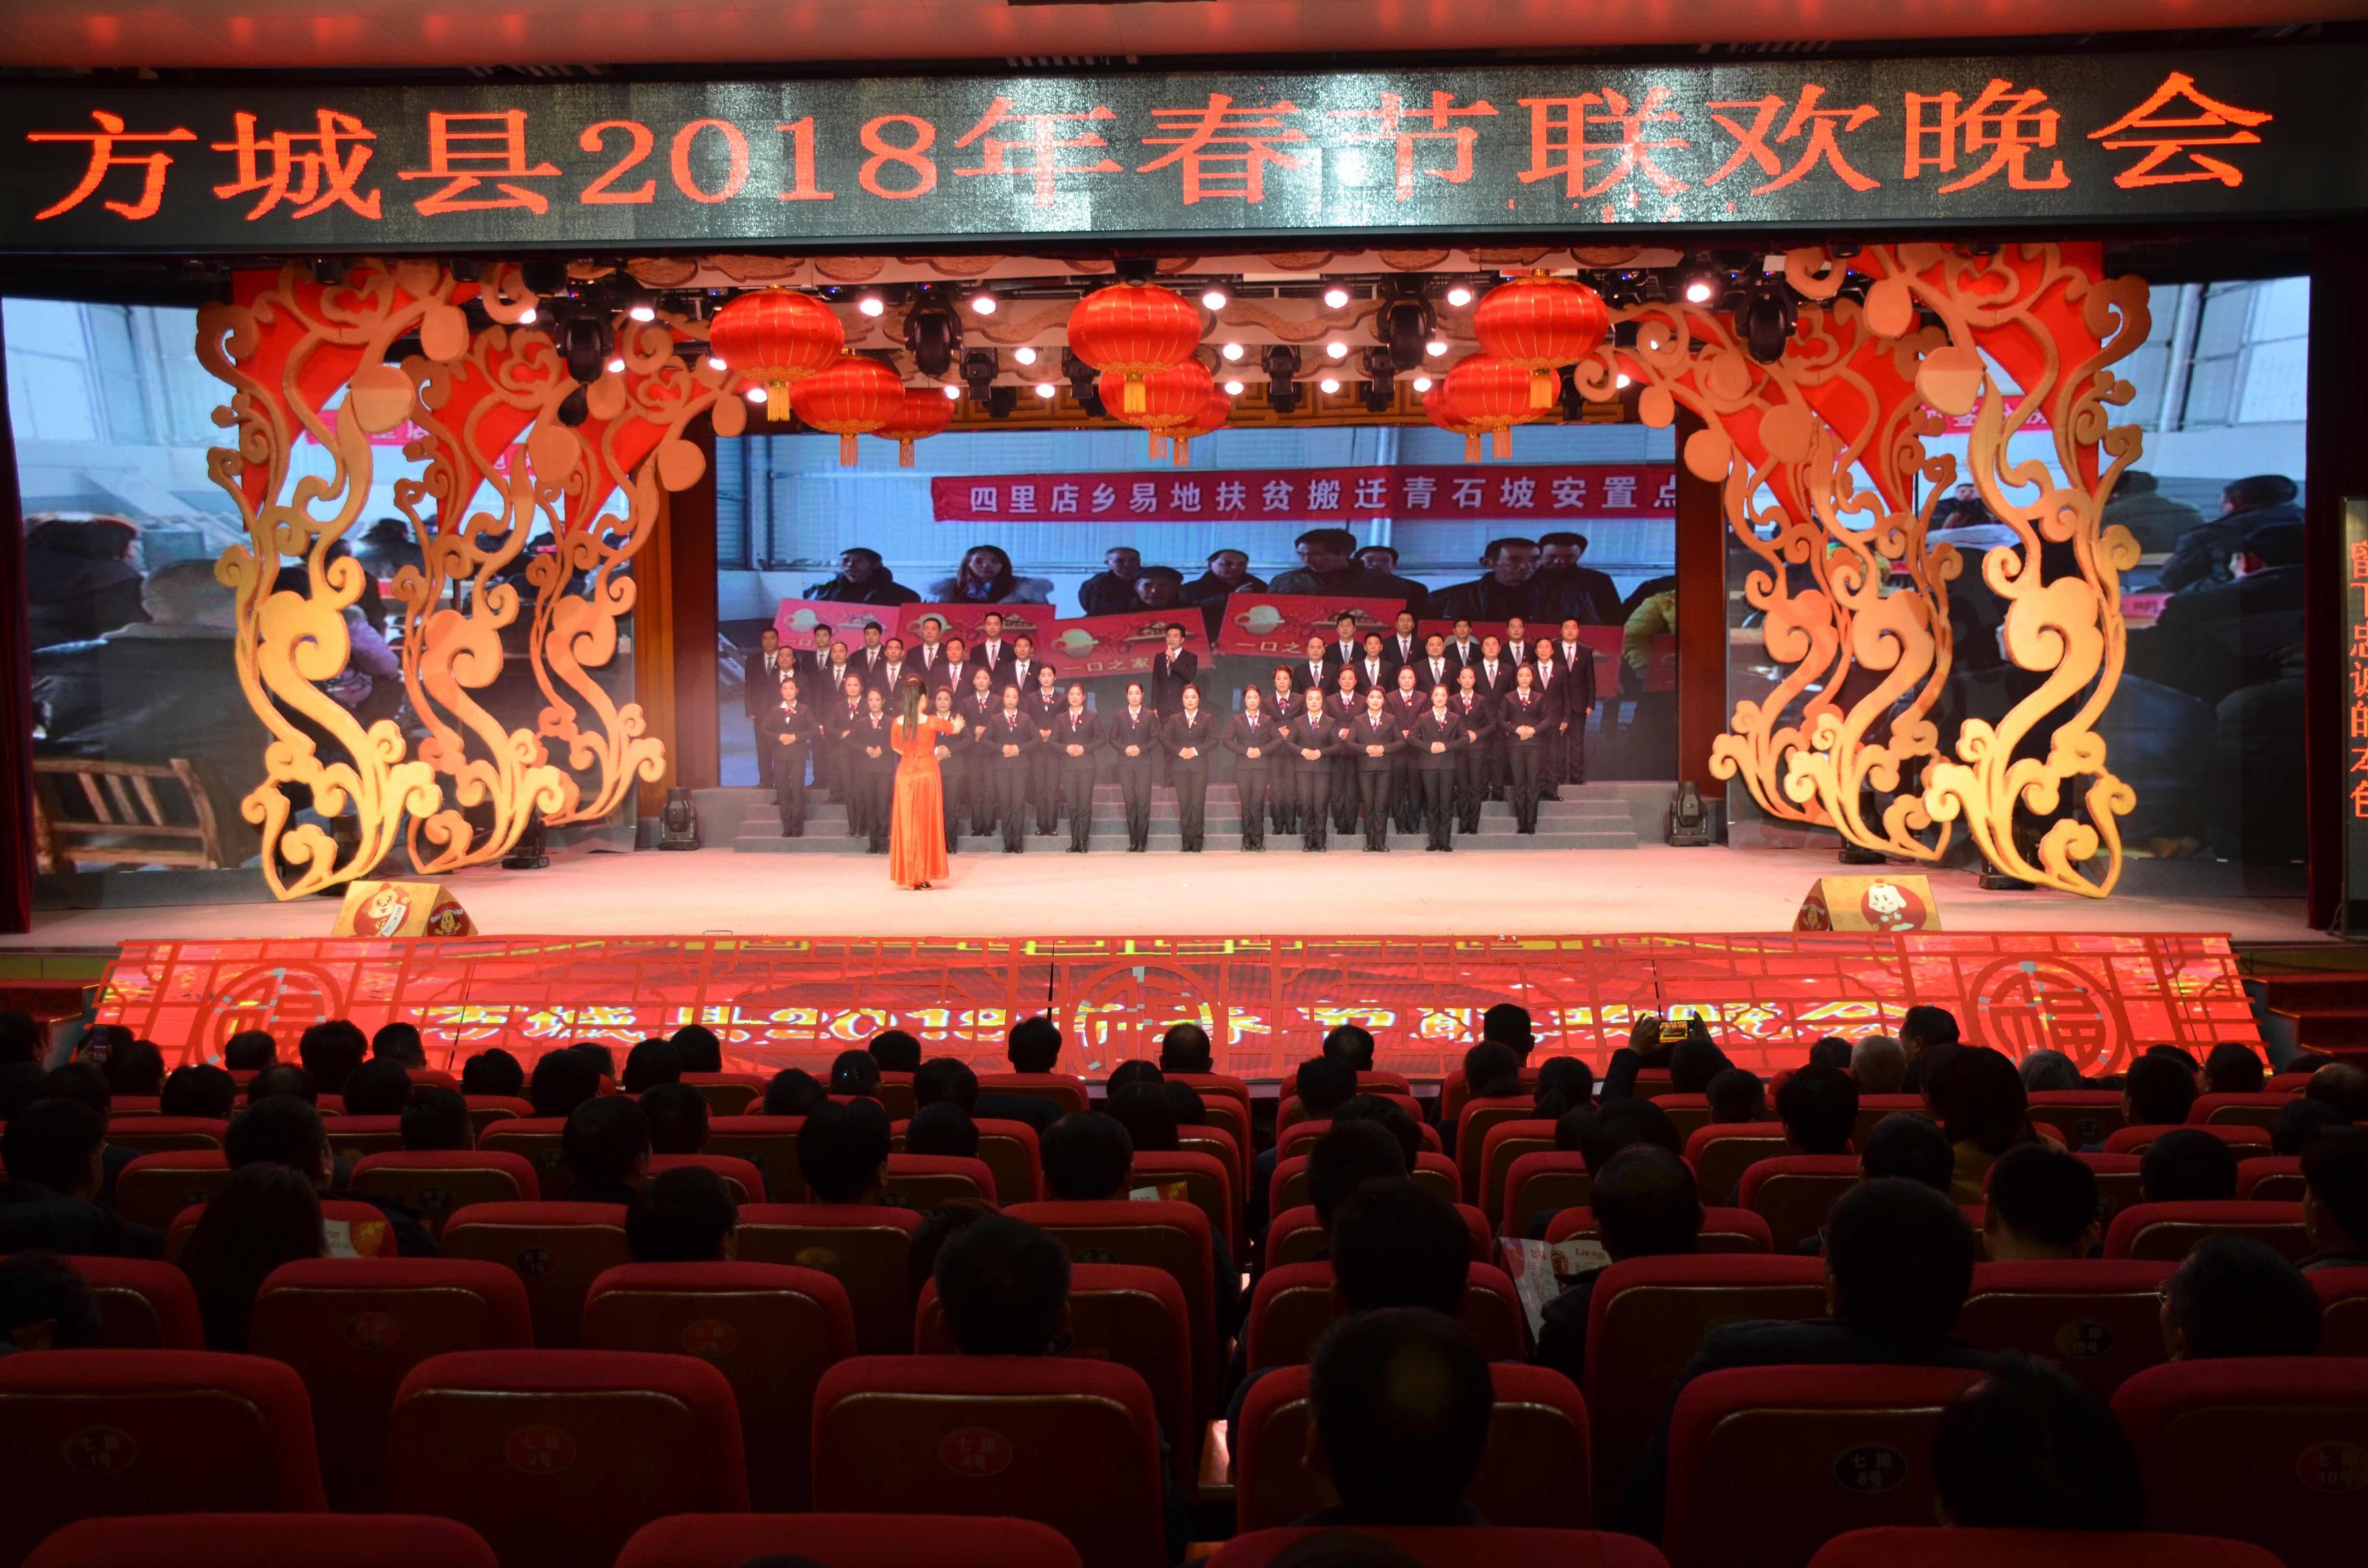 1、方城县2018年春晚唱响《村支书之歌》 (1)